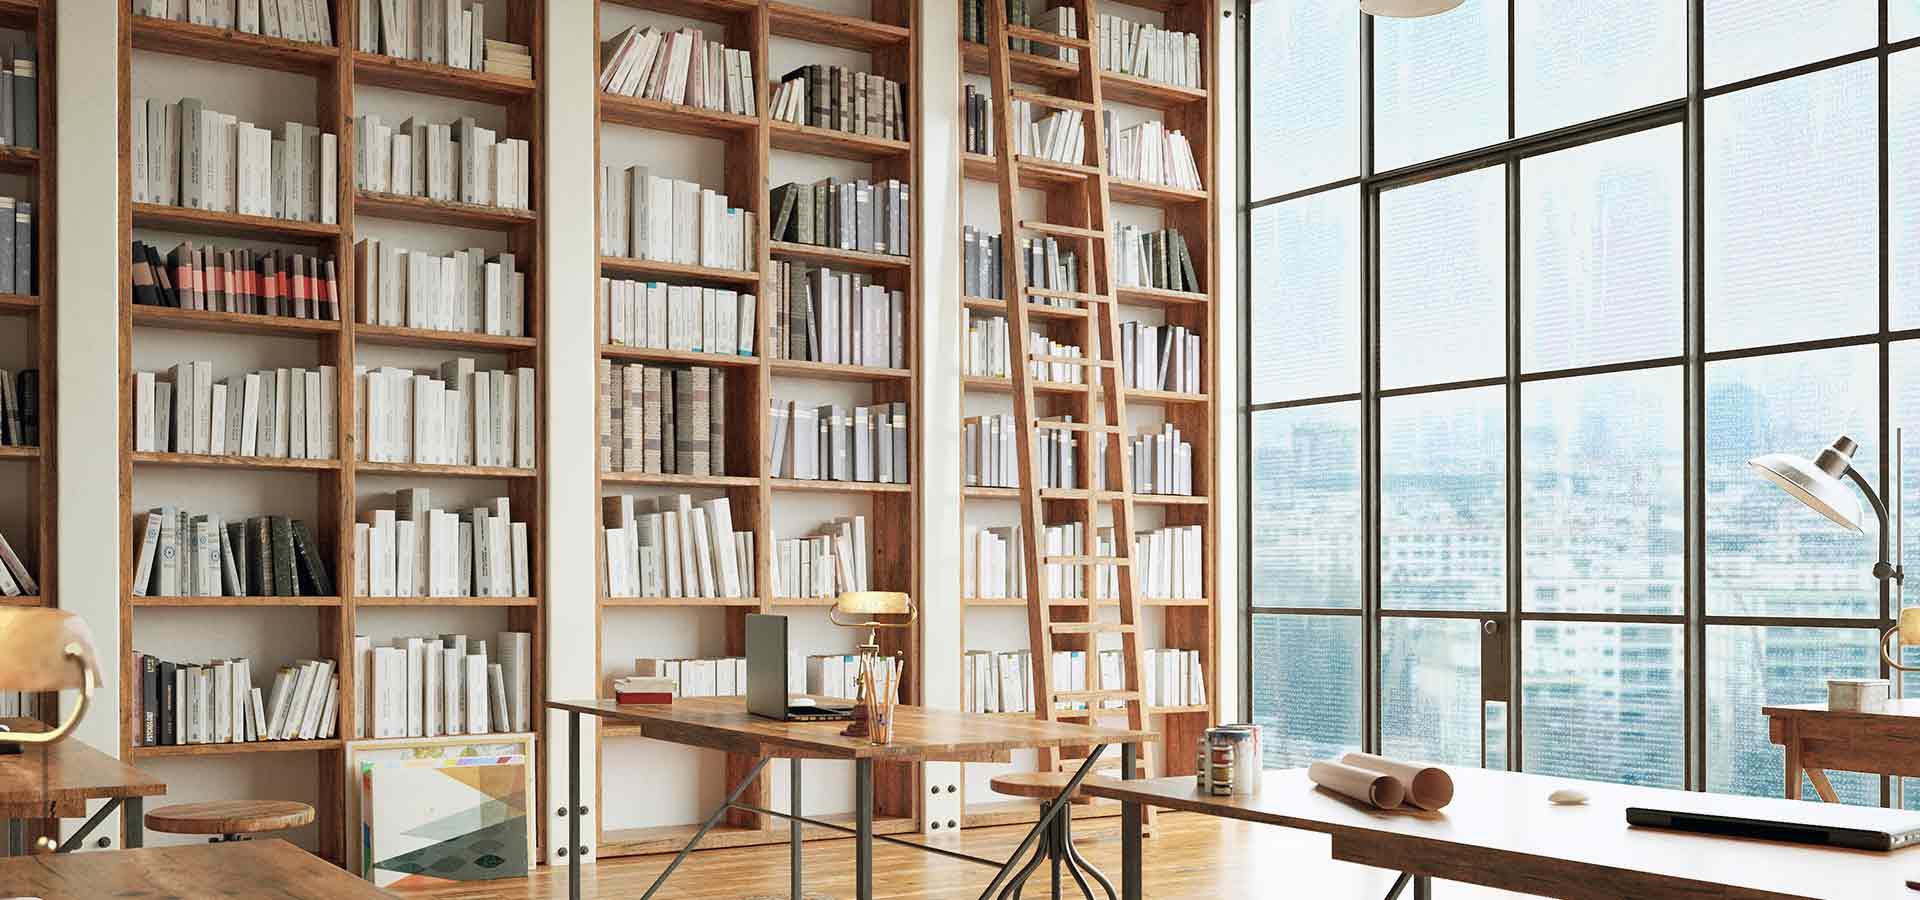 meubles sur mesure designer d 39 int rieur montr al. Black Bedroom Furniture Sets. Home Design Ideas